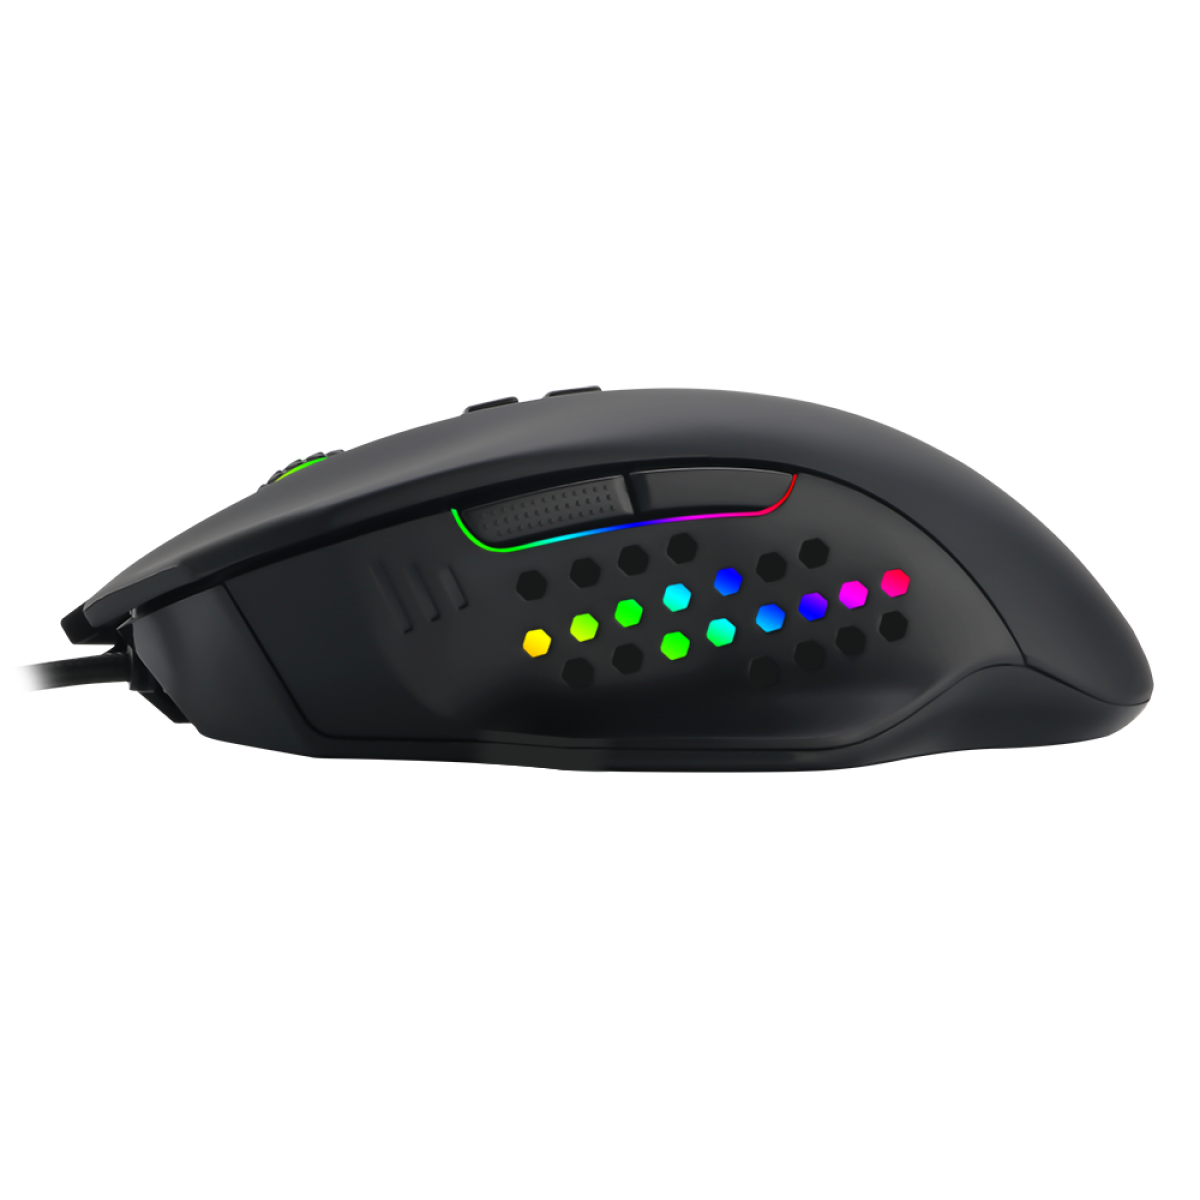 Mouse Gamer T-Dagger Warrant Officer RGB, 4800 DPI, 6 Botões, Black, T-TGM203